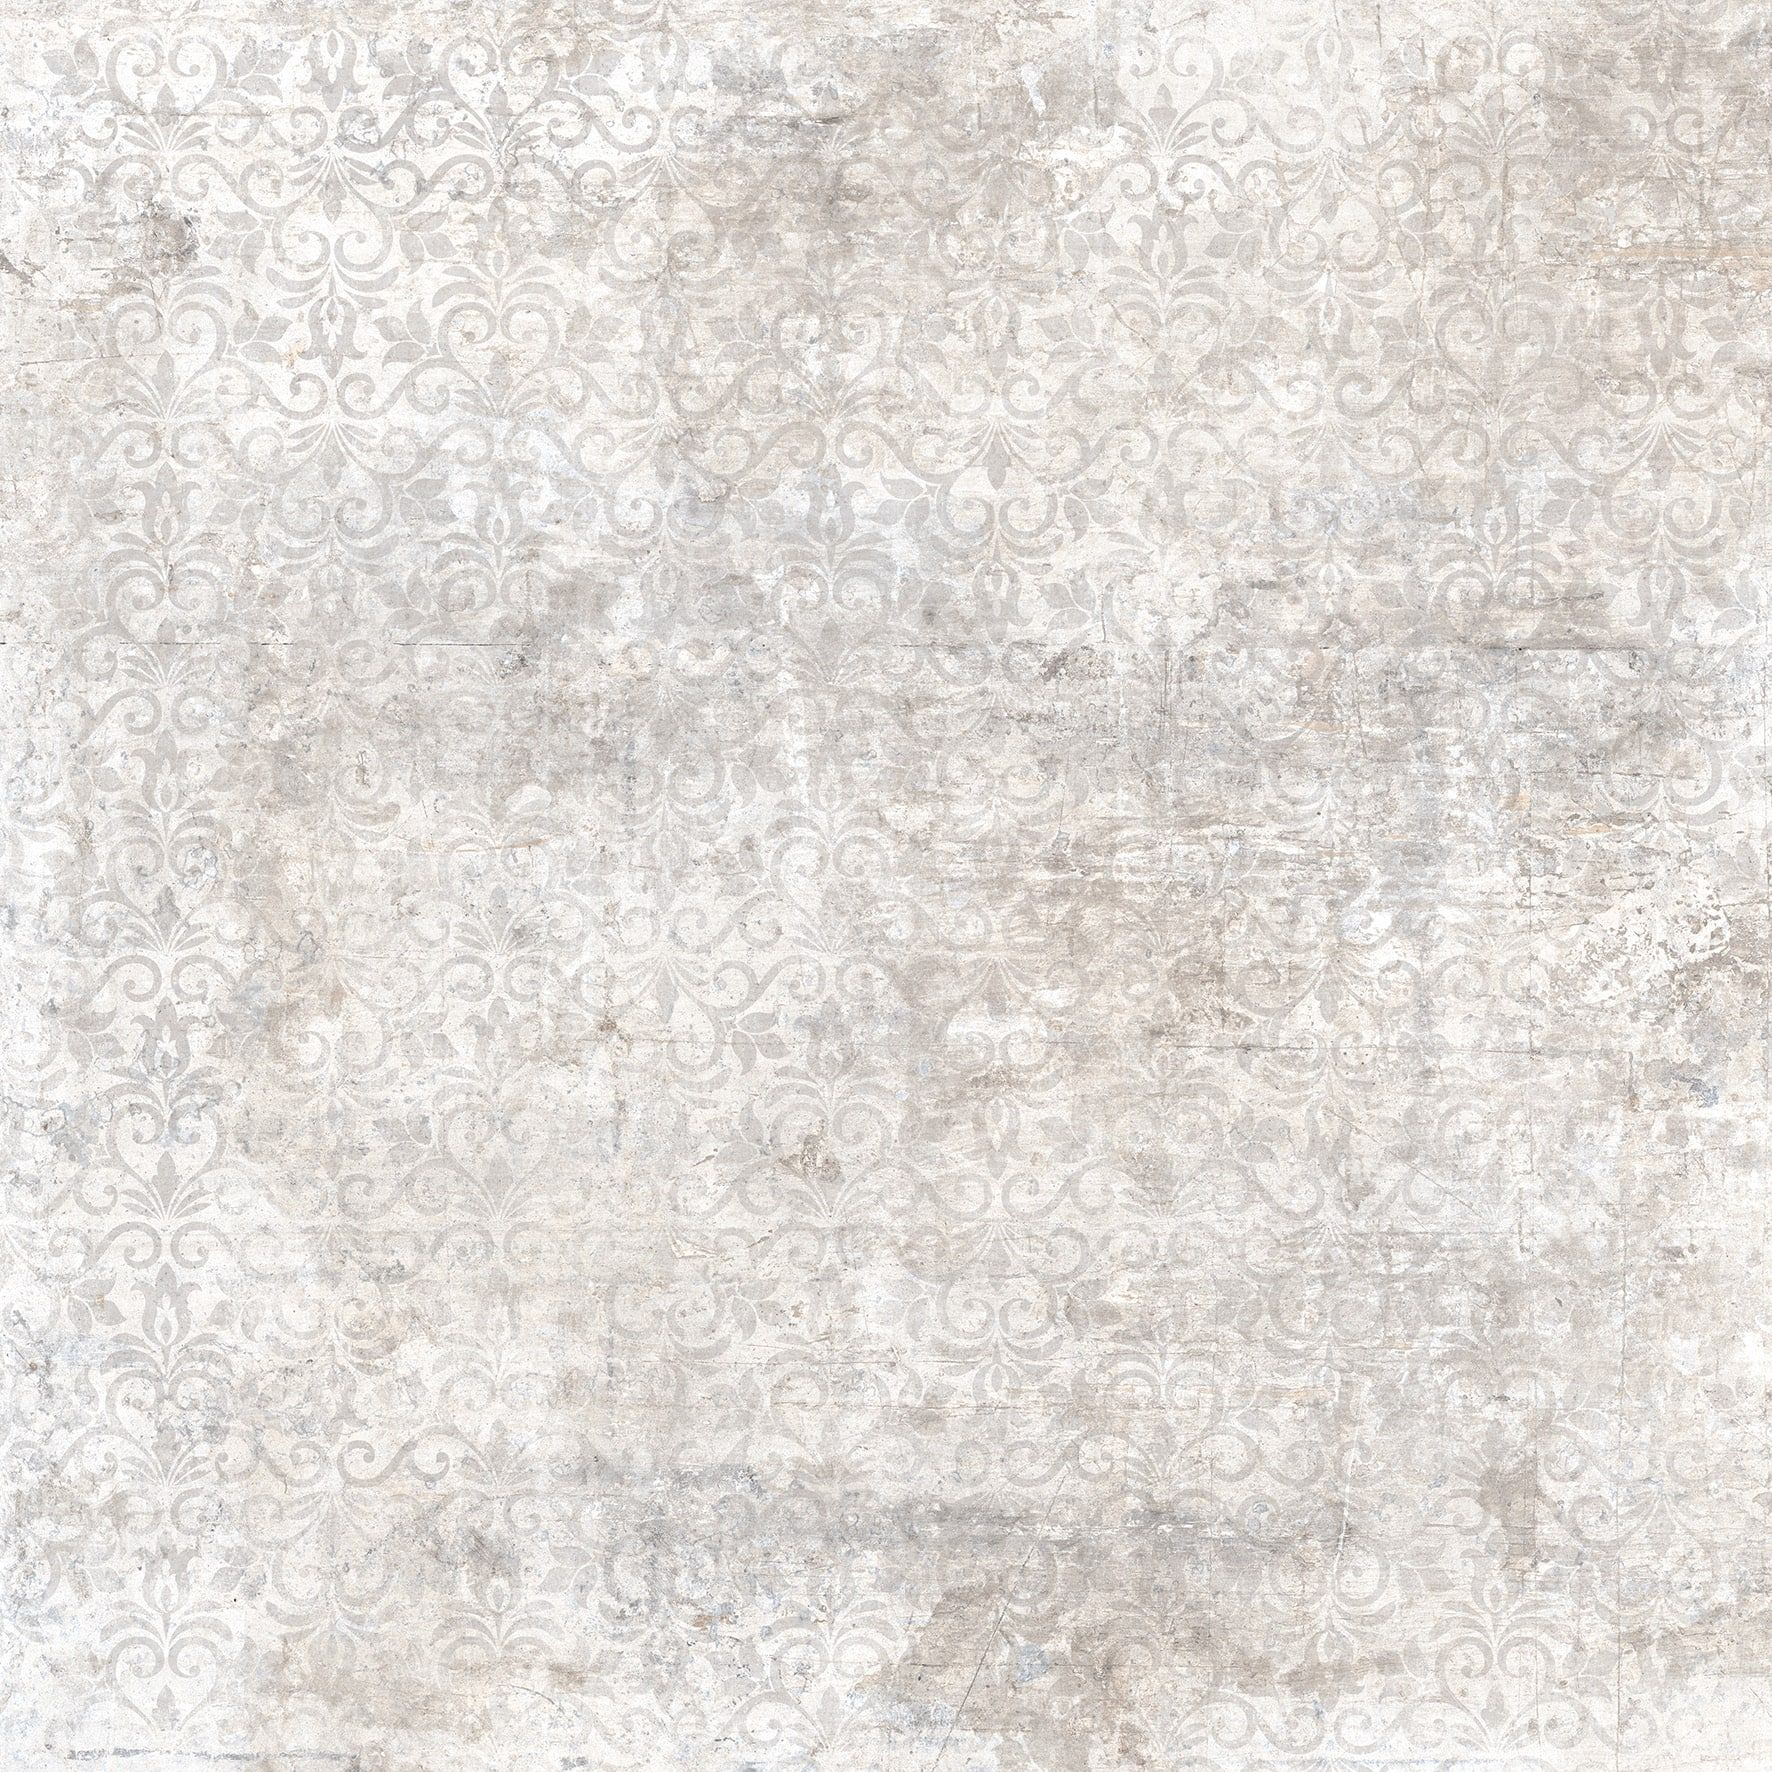 Murales Ice Decor